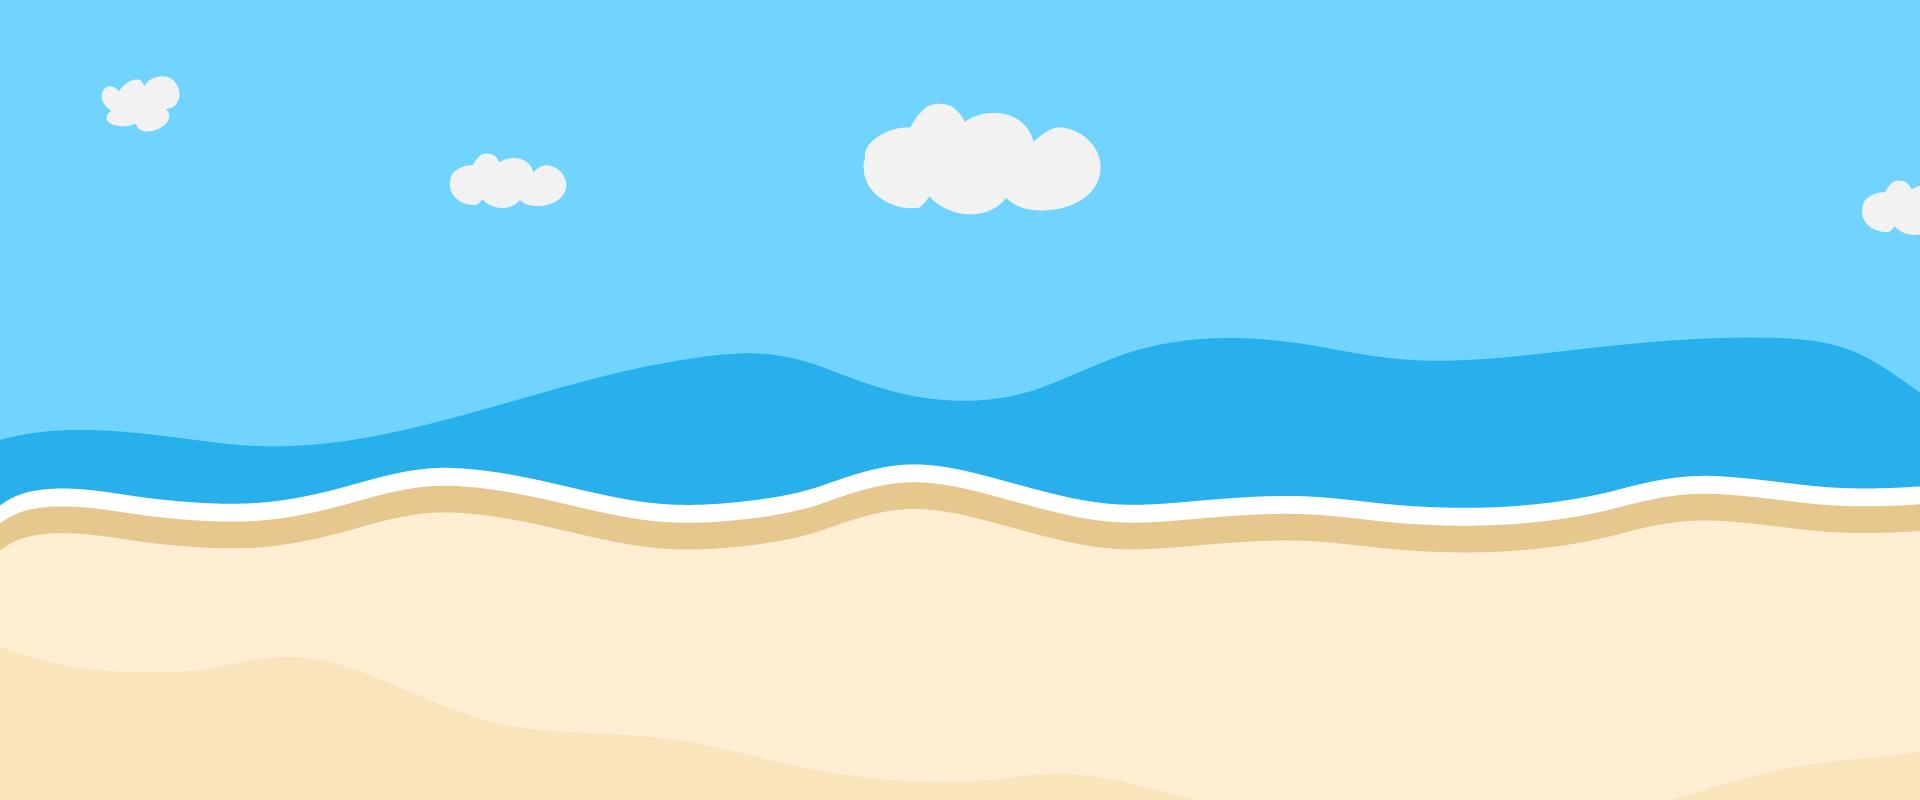 beach-background